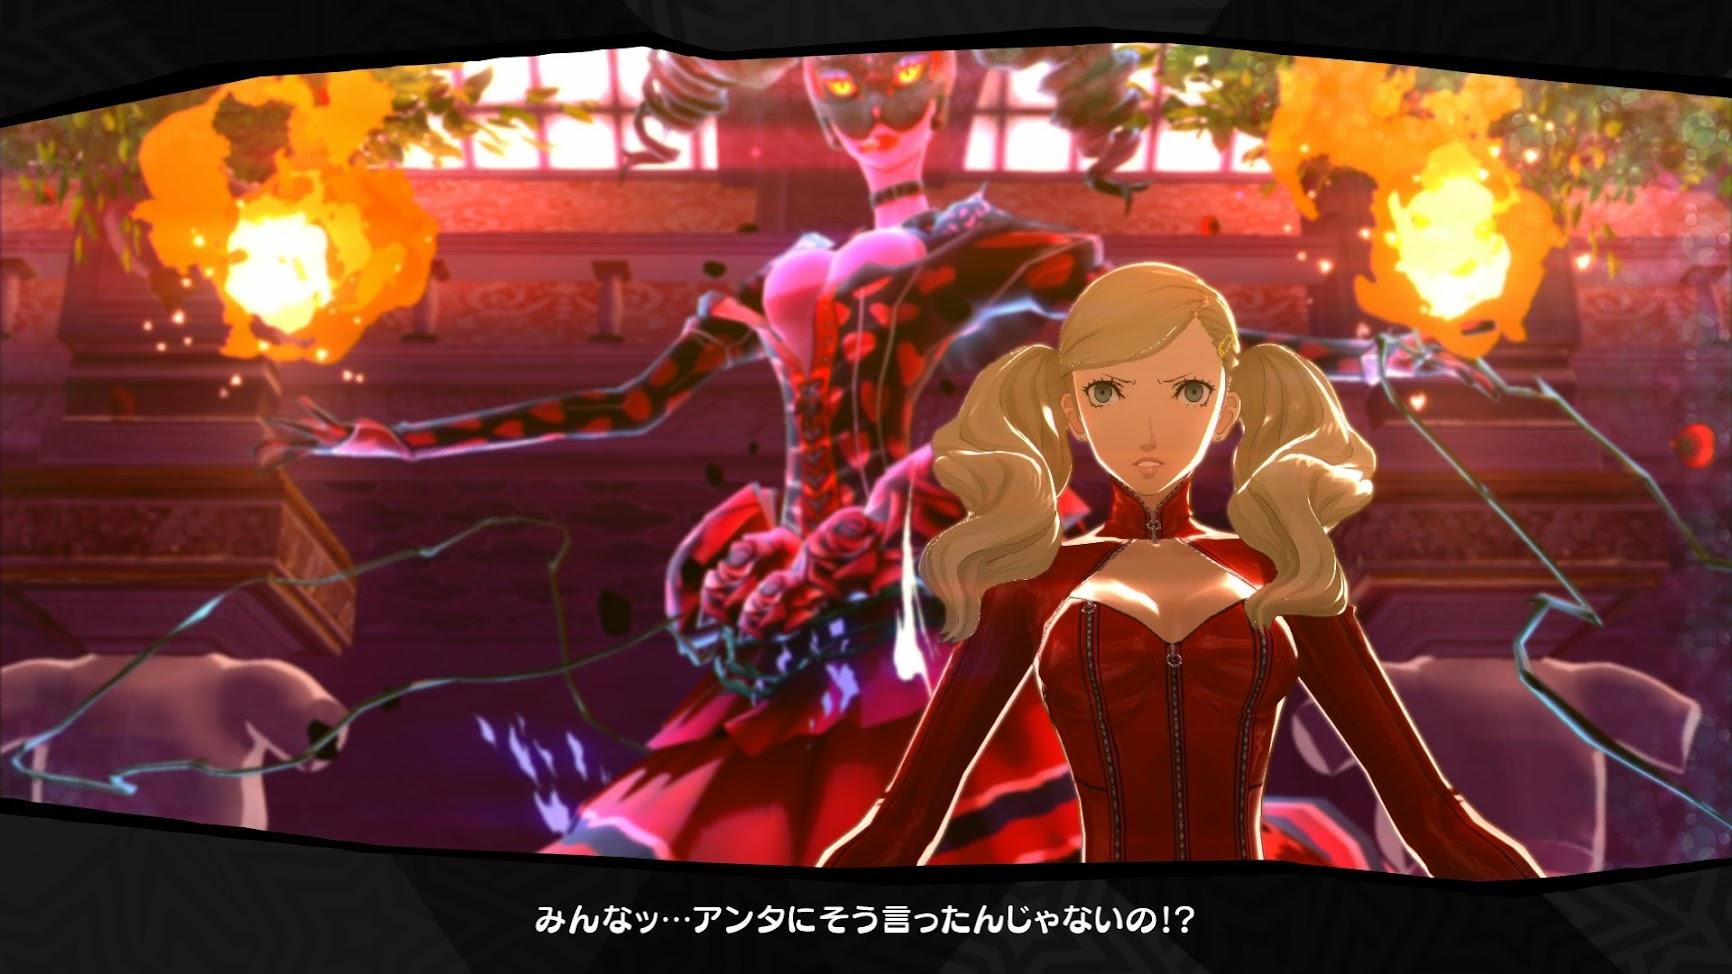 Cualquier parecido con Catherine es coincidencia... (Sí, ignoremos que existe un DLC con sus trajes).